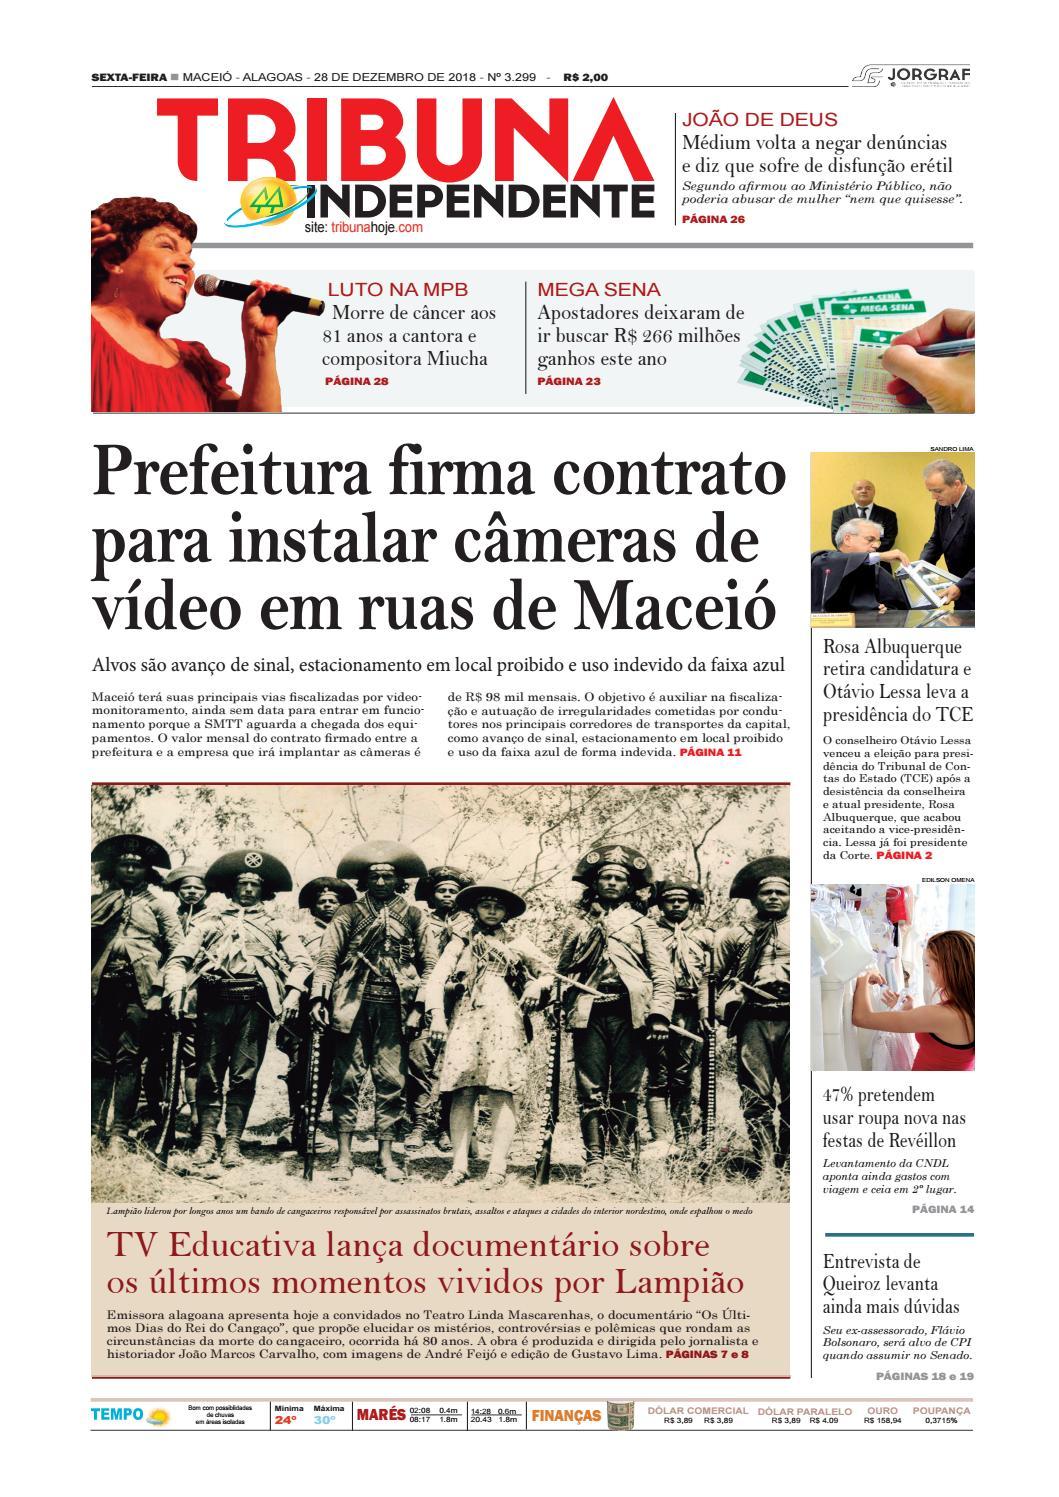 b149ad5e35 Edição número 3299 - 28 de dezembro de 2018 by Tribuna Hoje - issuu